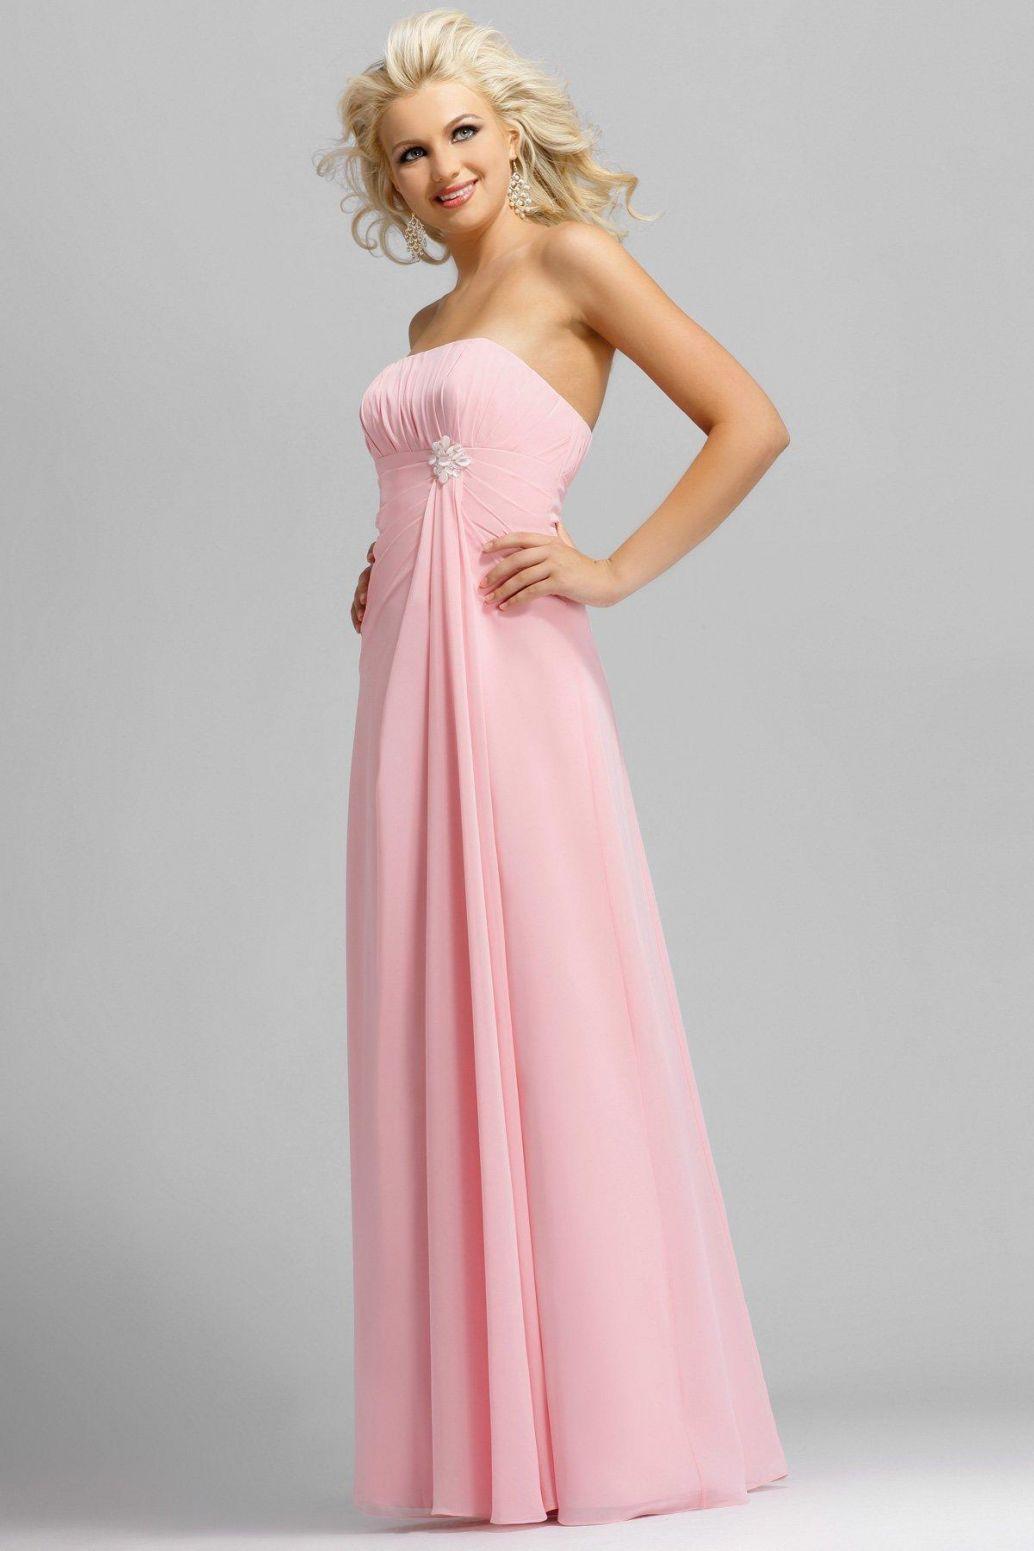 Long Bright Pink Bridesmaid Dress Designs